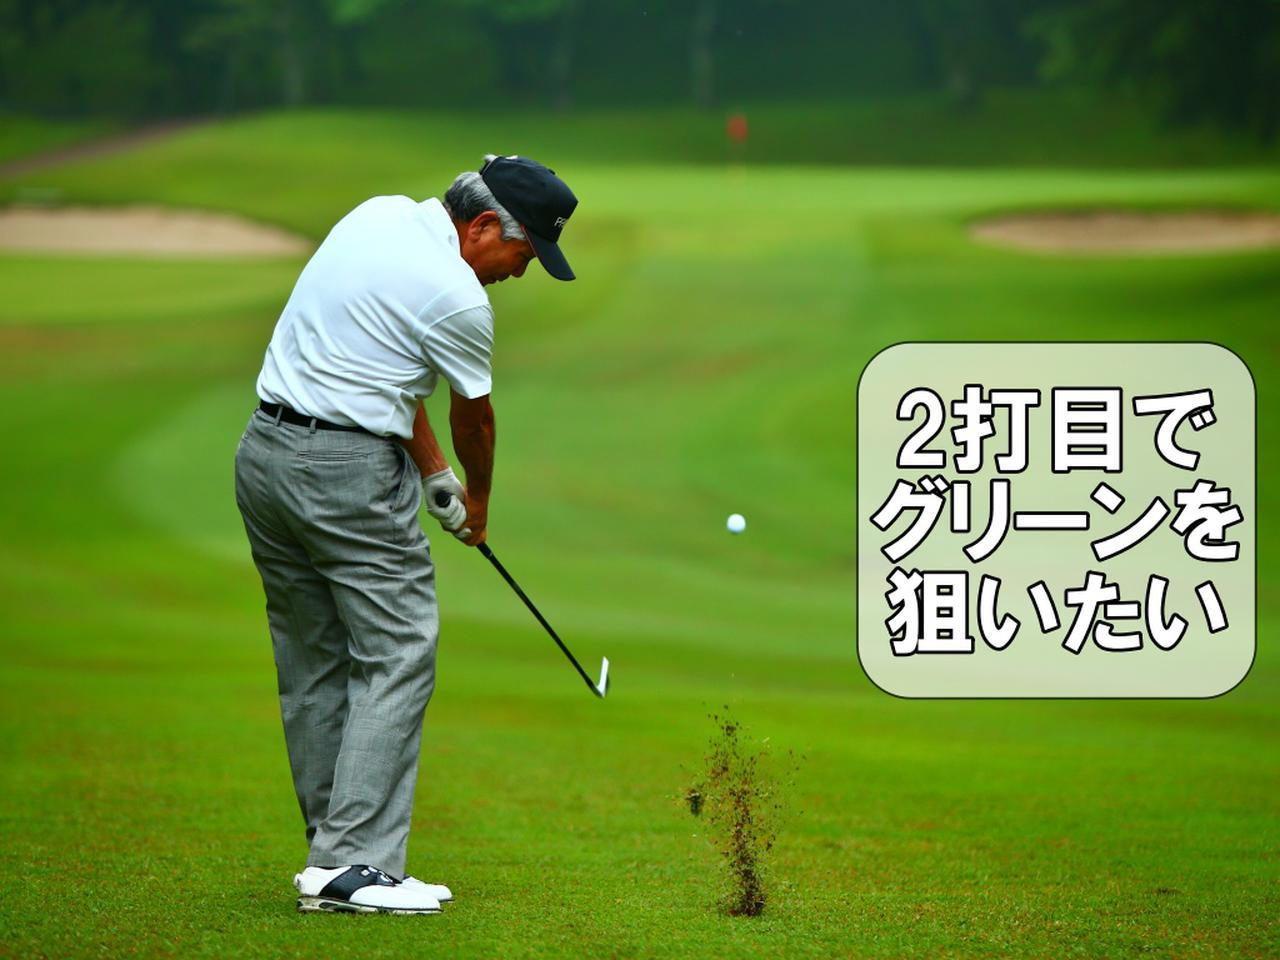 画像: 「ゴルフは3打目勝負、なんて言う人がいるけど、ゴルフの醍醐味はバーディを狙って打つ2打目でしょ。いくつになってもこれは変えません」(海老原)